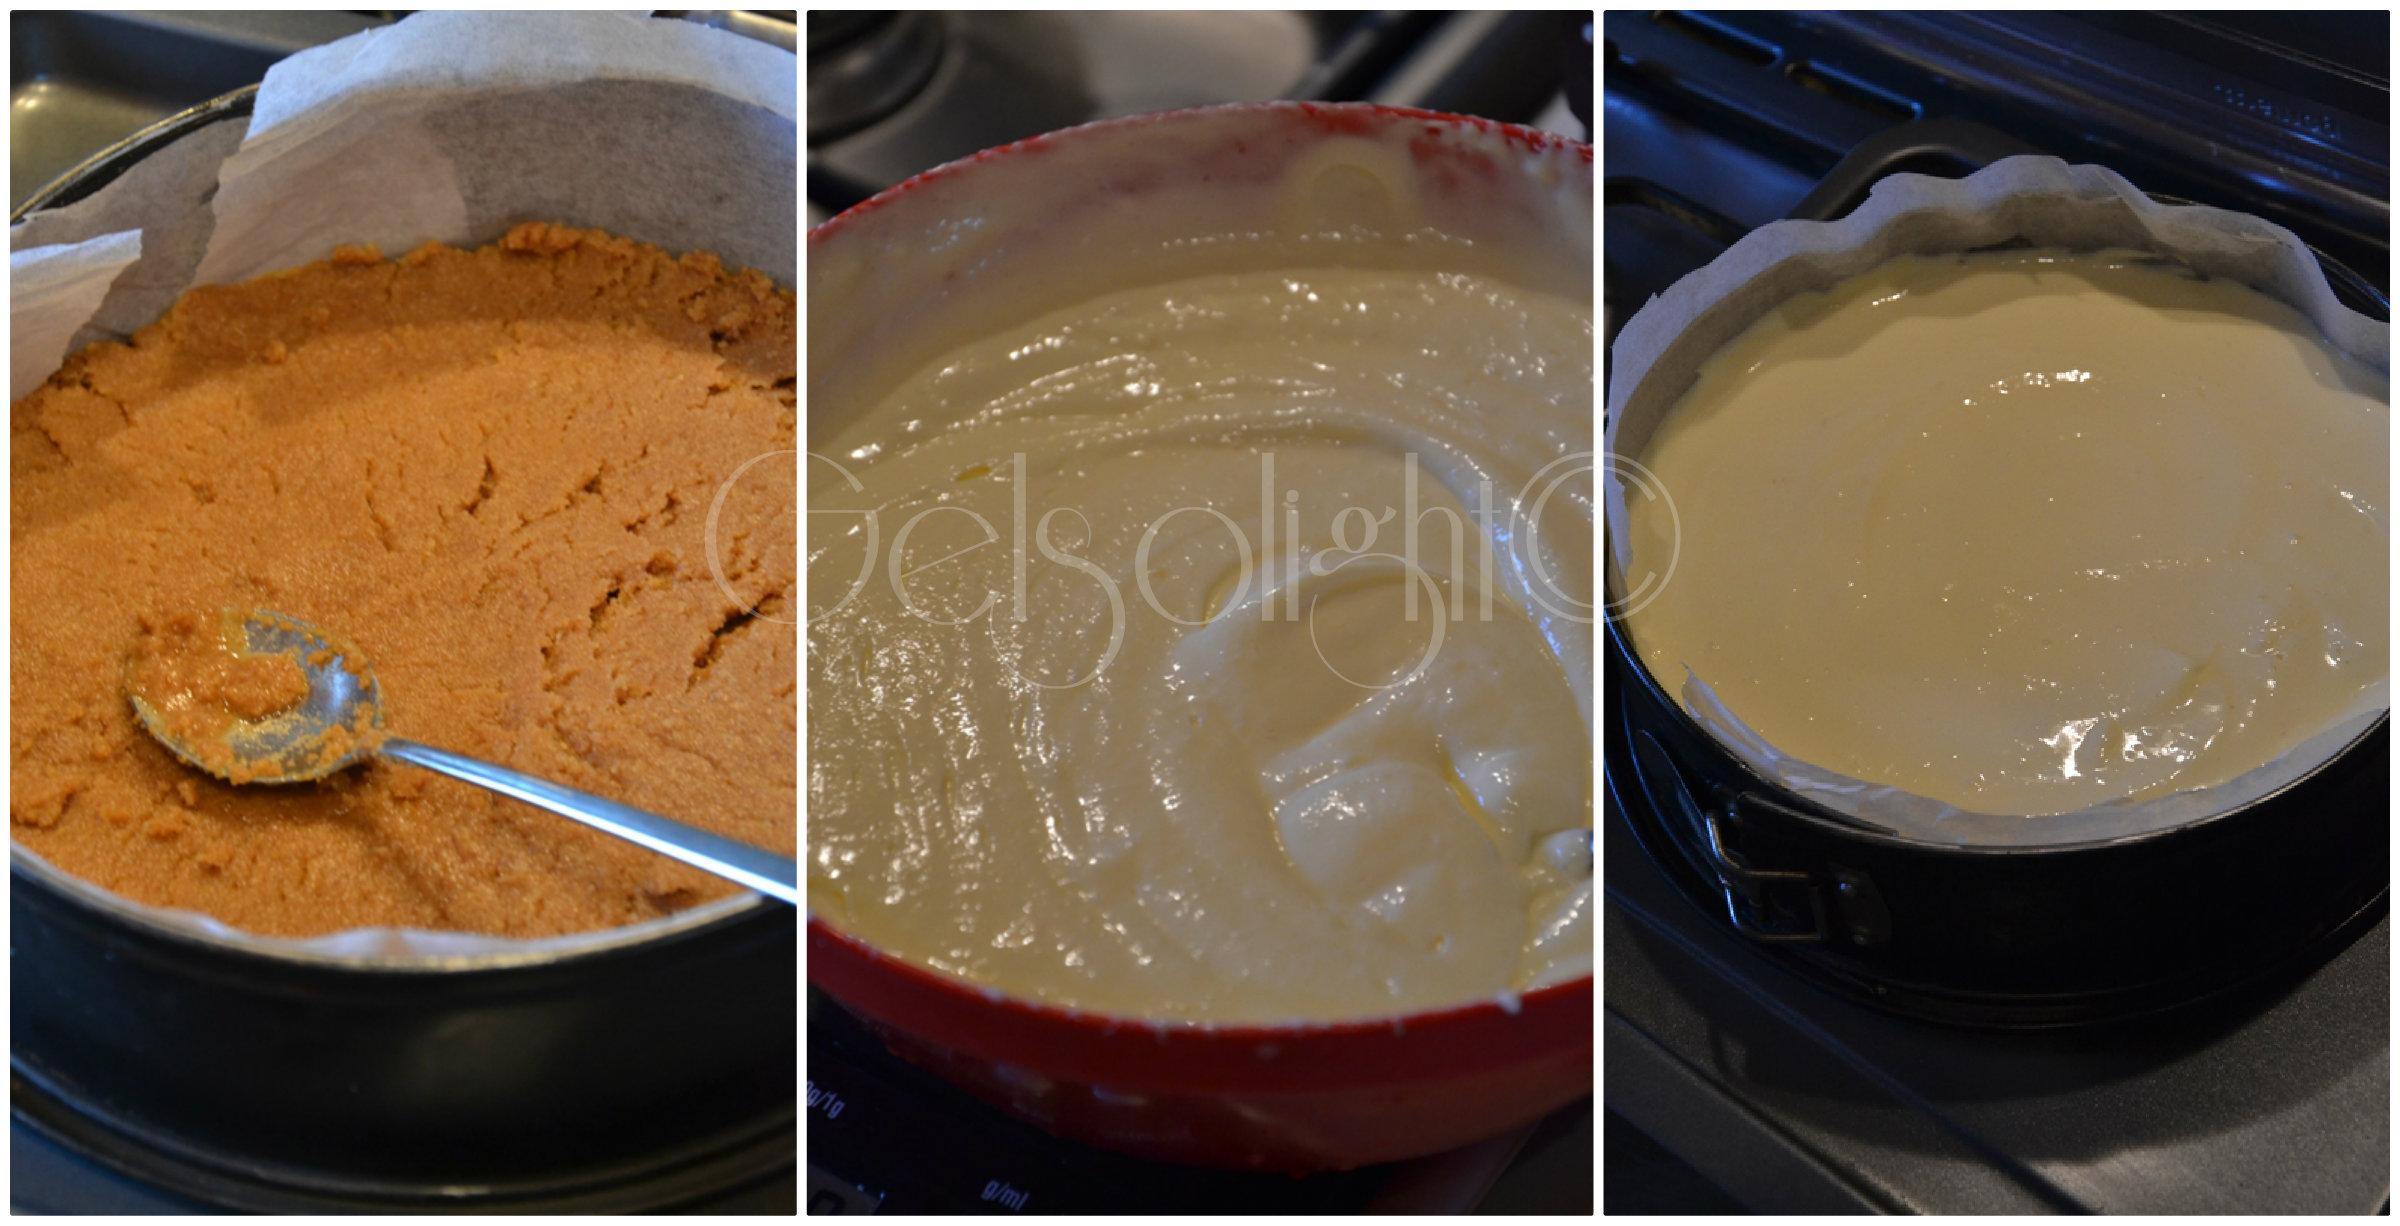 Collage procedimento cheesecake